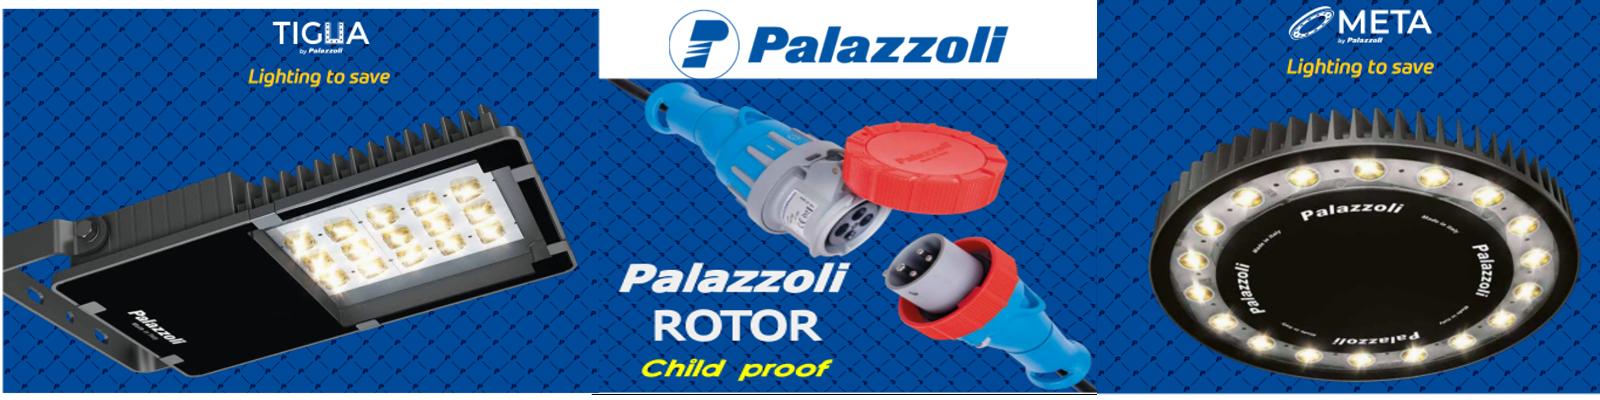 банер с продукти на италианския завод Palazzoli